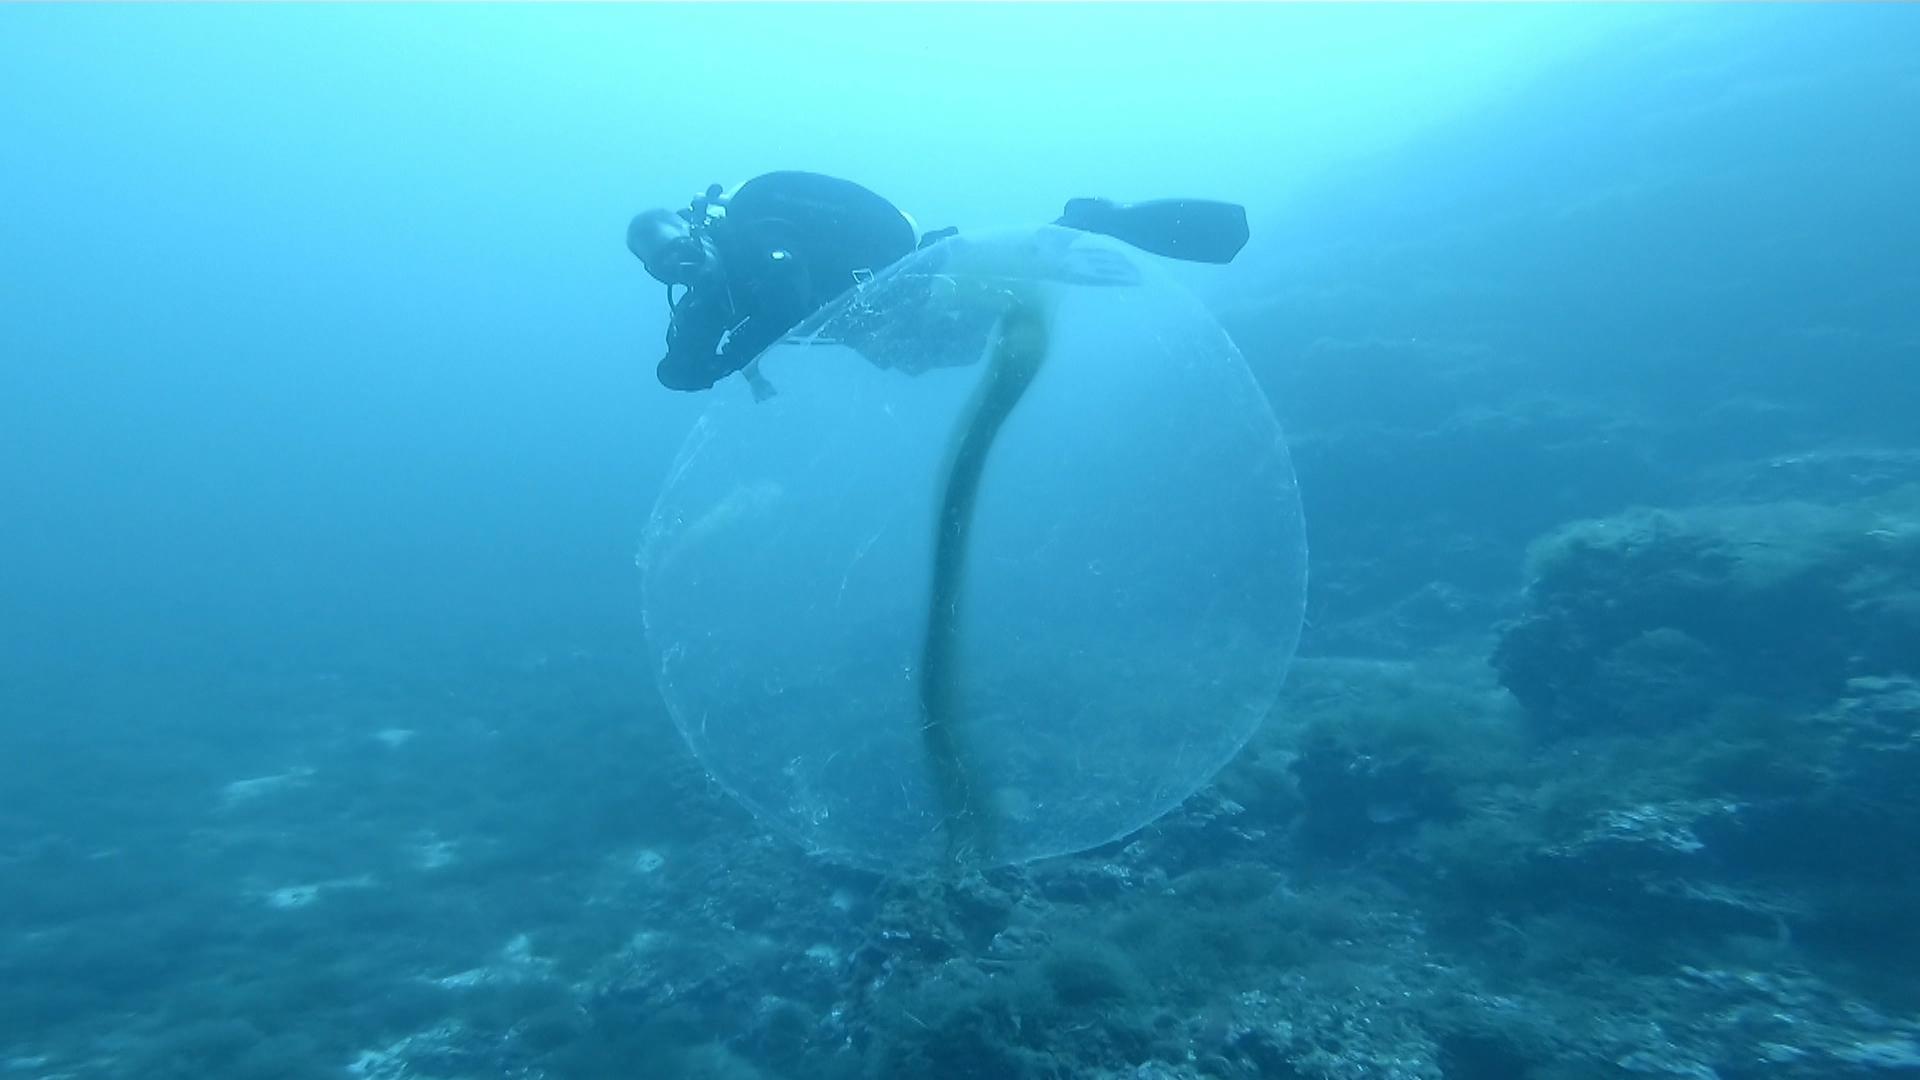 La+ci%C3%A8ncia+ciutadana+ajuda+a+resoldre+el+misteri+de+les+esferes+submarines